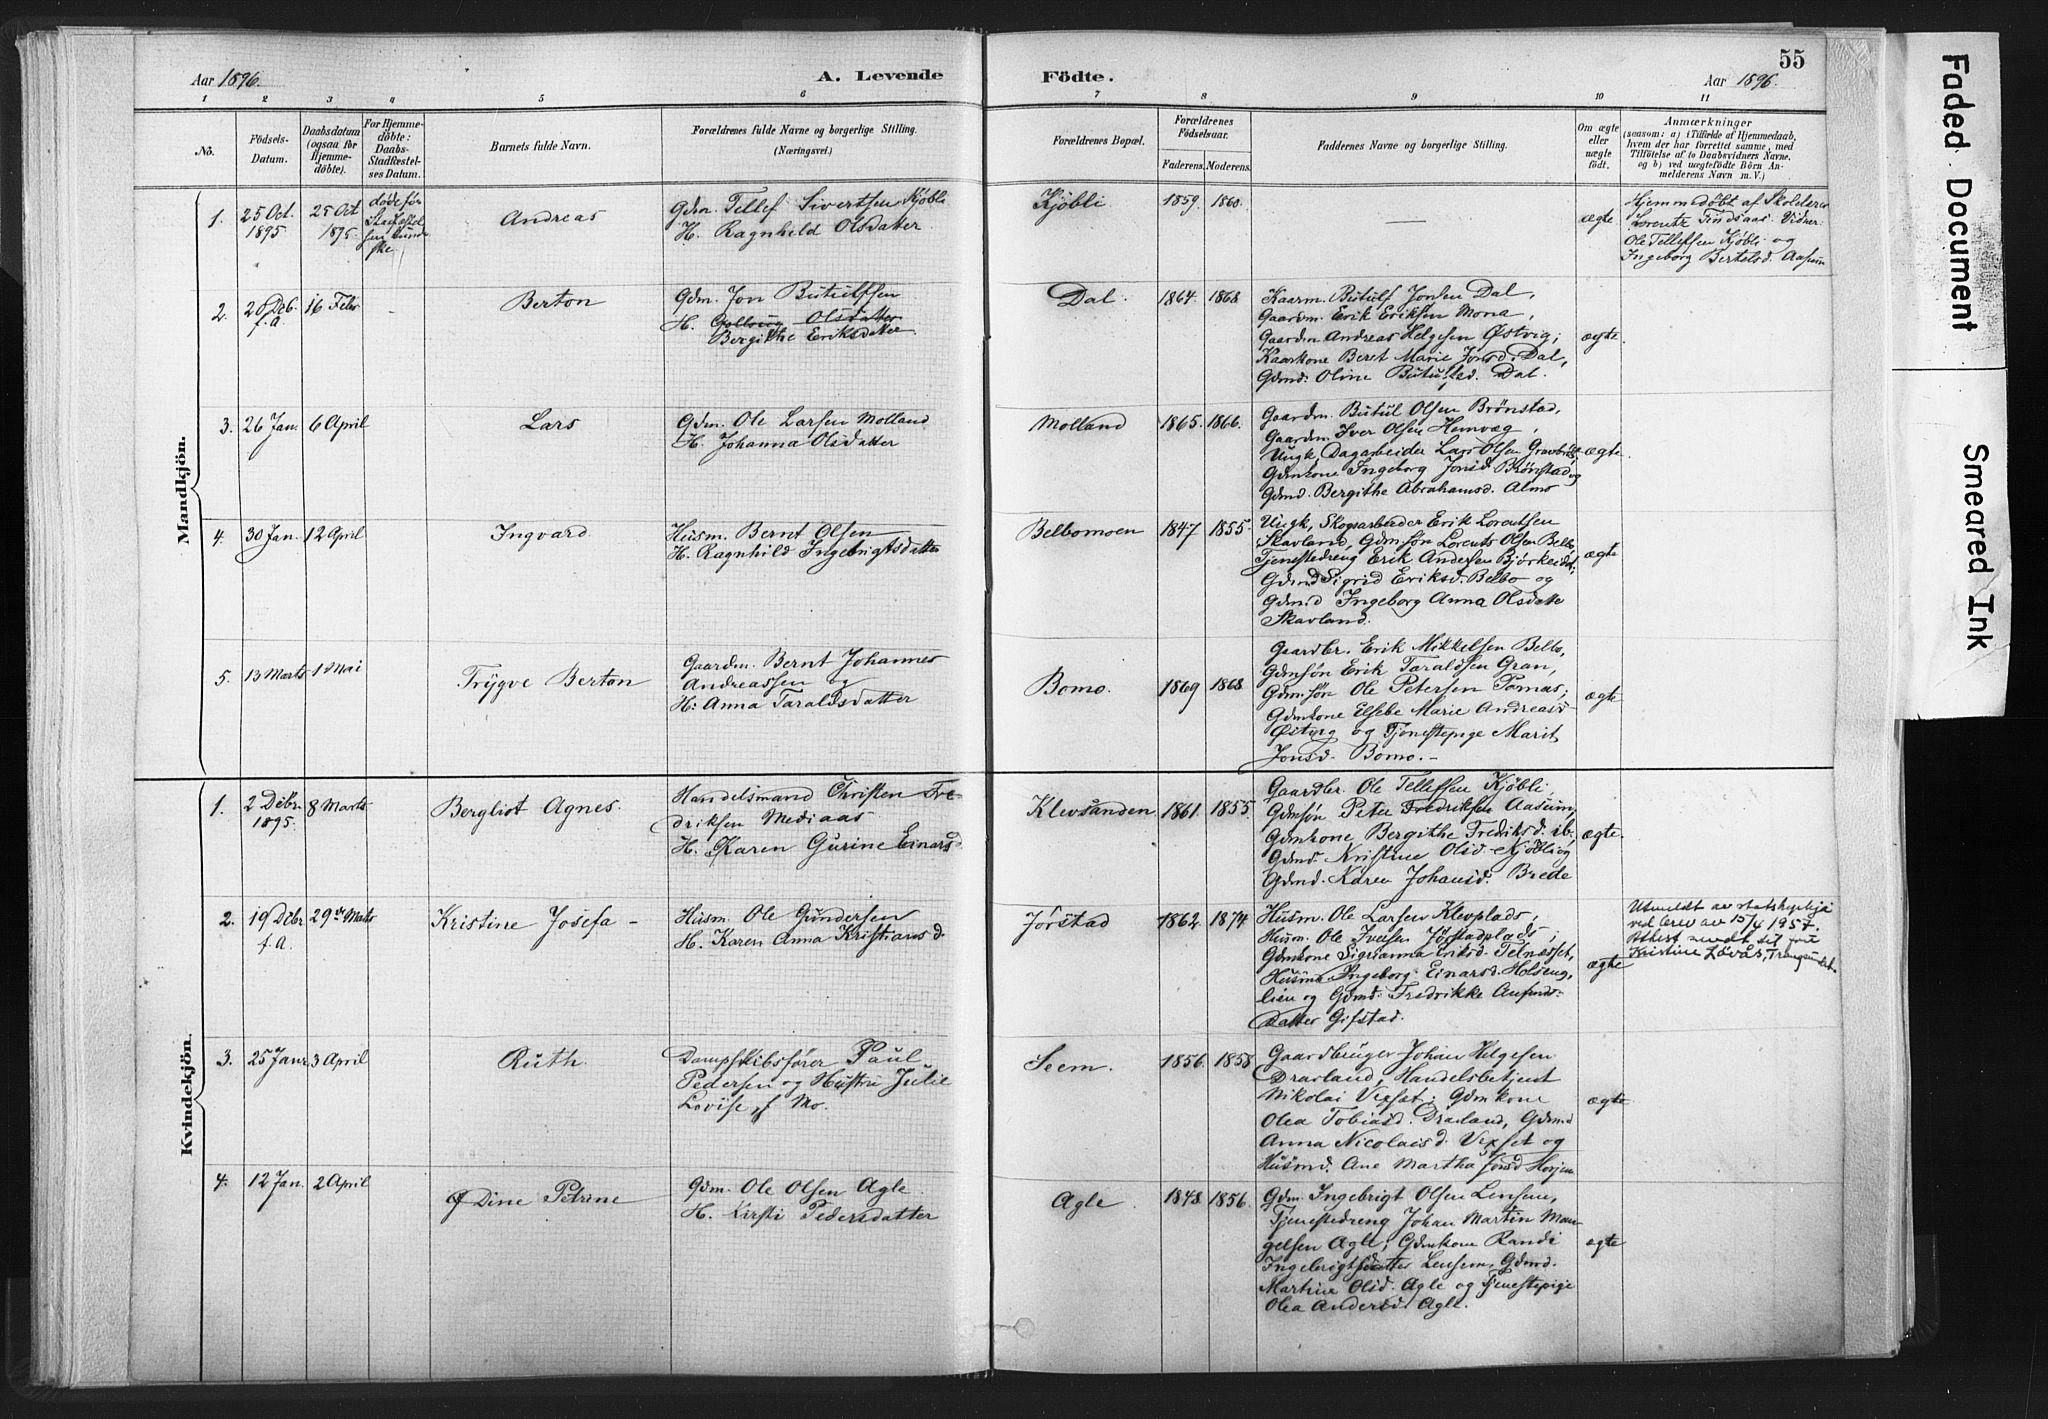 SAT, Ministerialprotokoller, klokkerbøker og fødselsregistre - Nord-Trøndelag, 749/L0474: Ministerialbok nr. 749A08, 1887-1903, s. 55